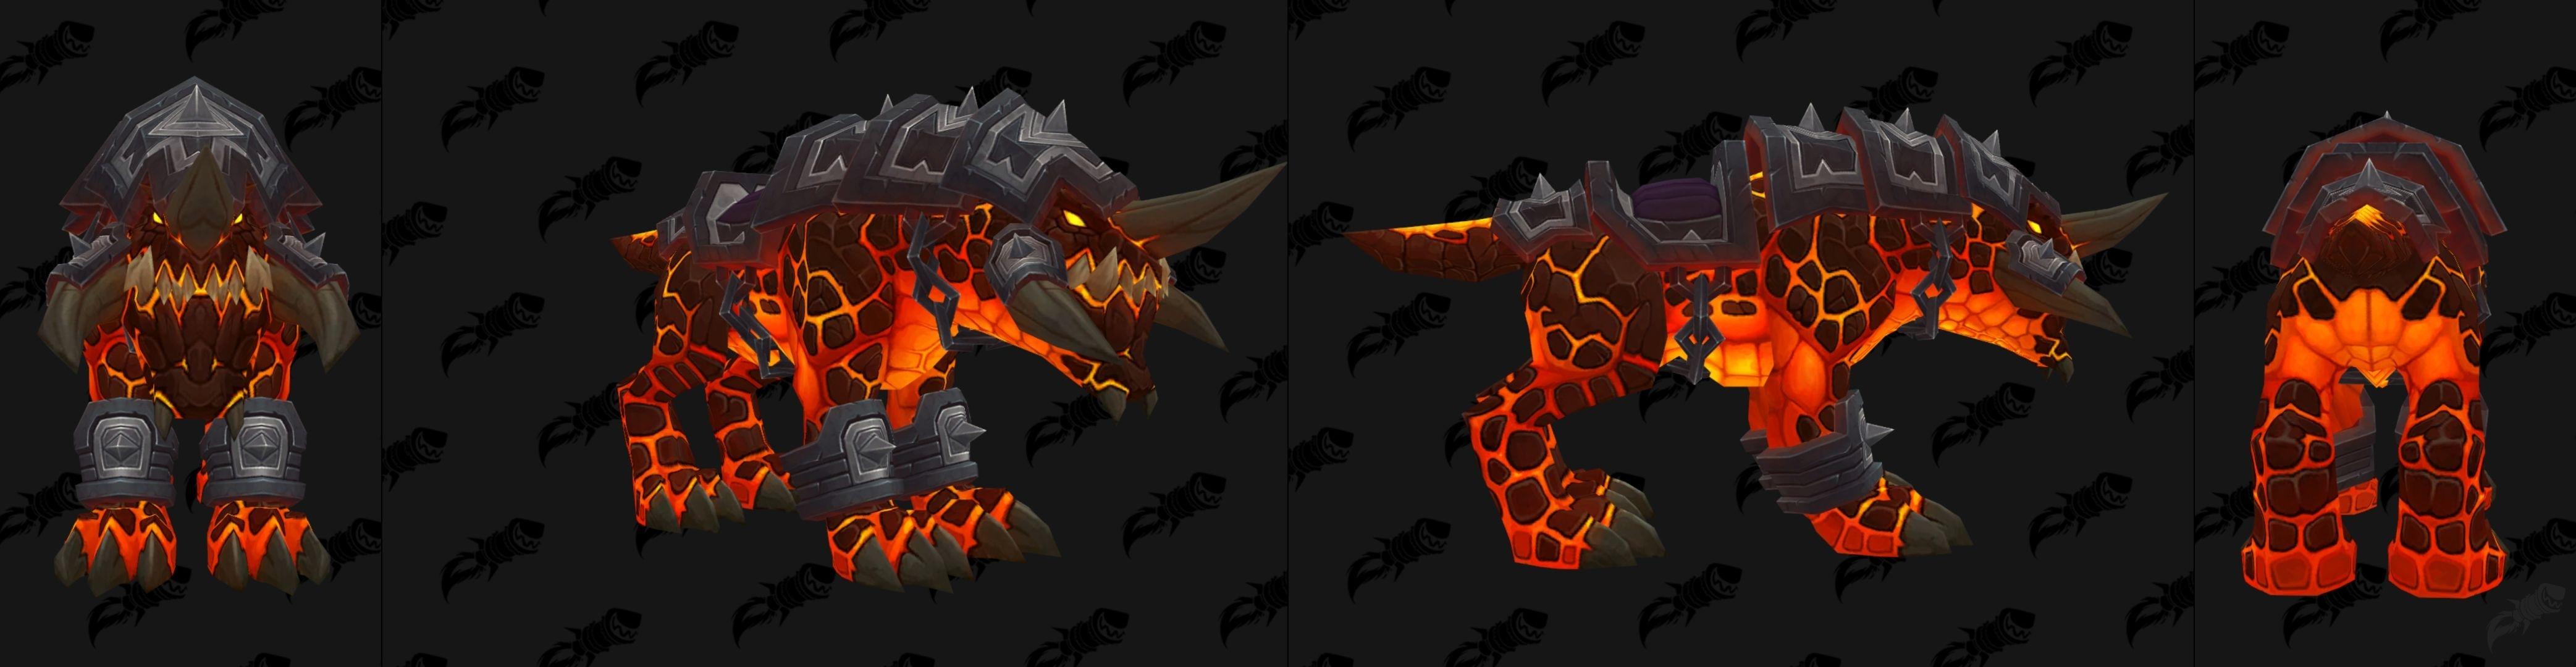 Battle for Azeroth Alpha Build 26287 - Dark Iron Dwarf